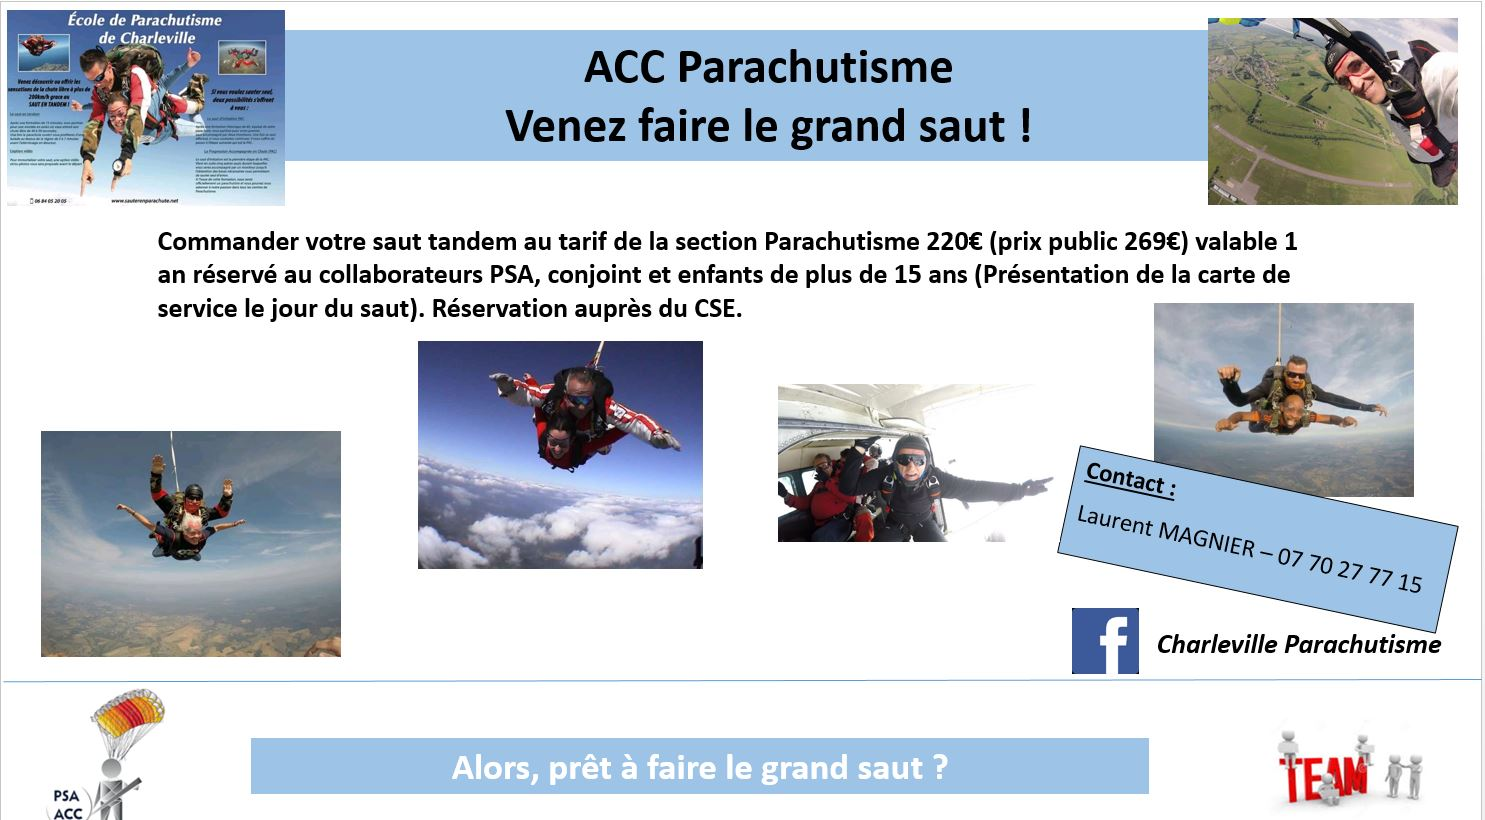 ACC Parachutisme venez faire le grand saut